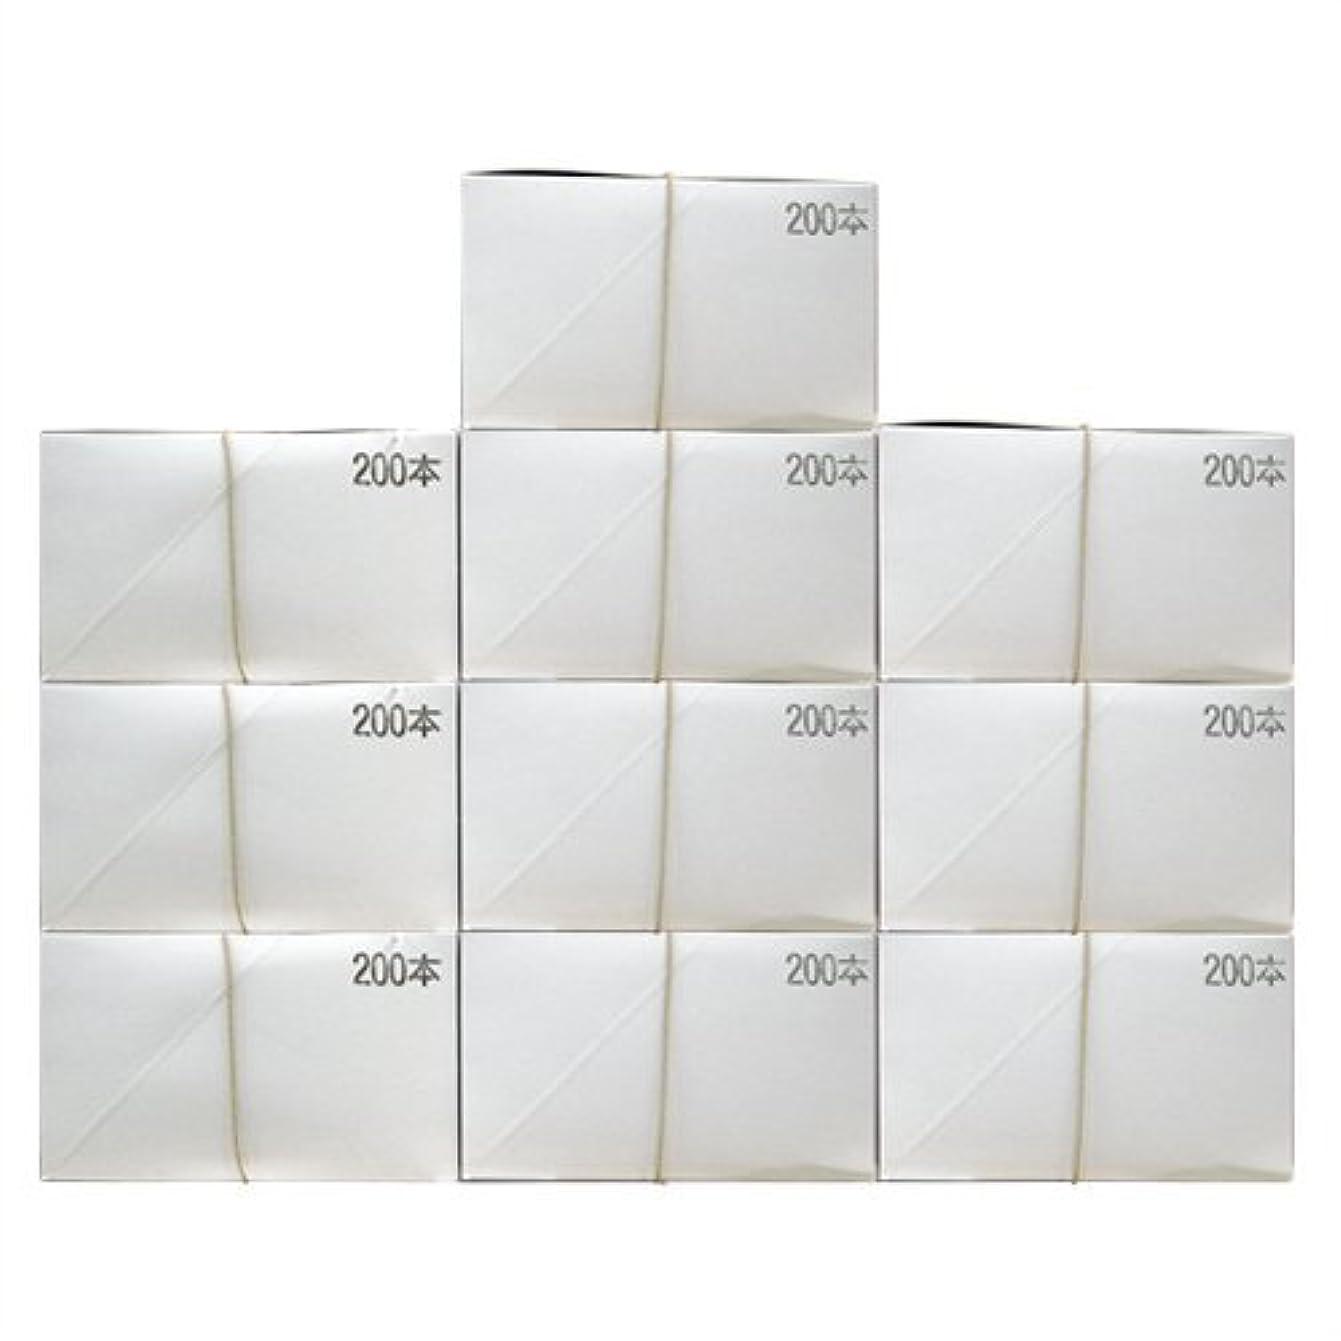 とげパスポート雑種業務用 日本製 使い捨て粉付き歯ブラシ 個包装タイプ (2000本入)│ホテルアメニティ